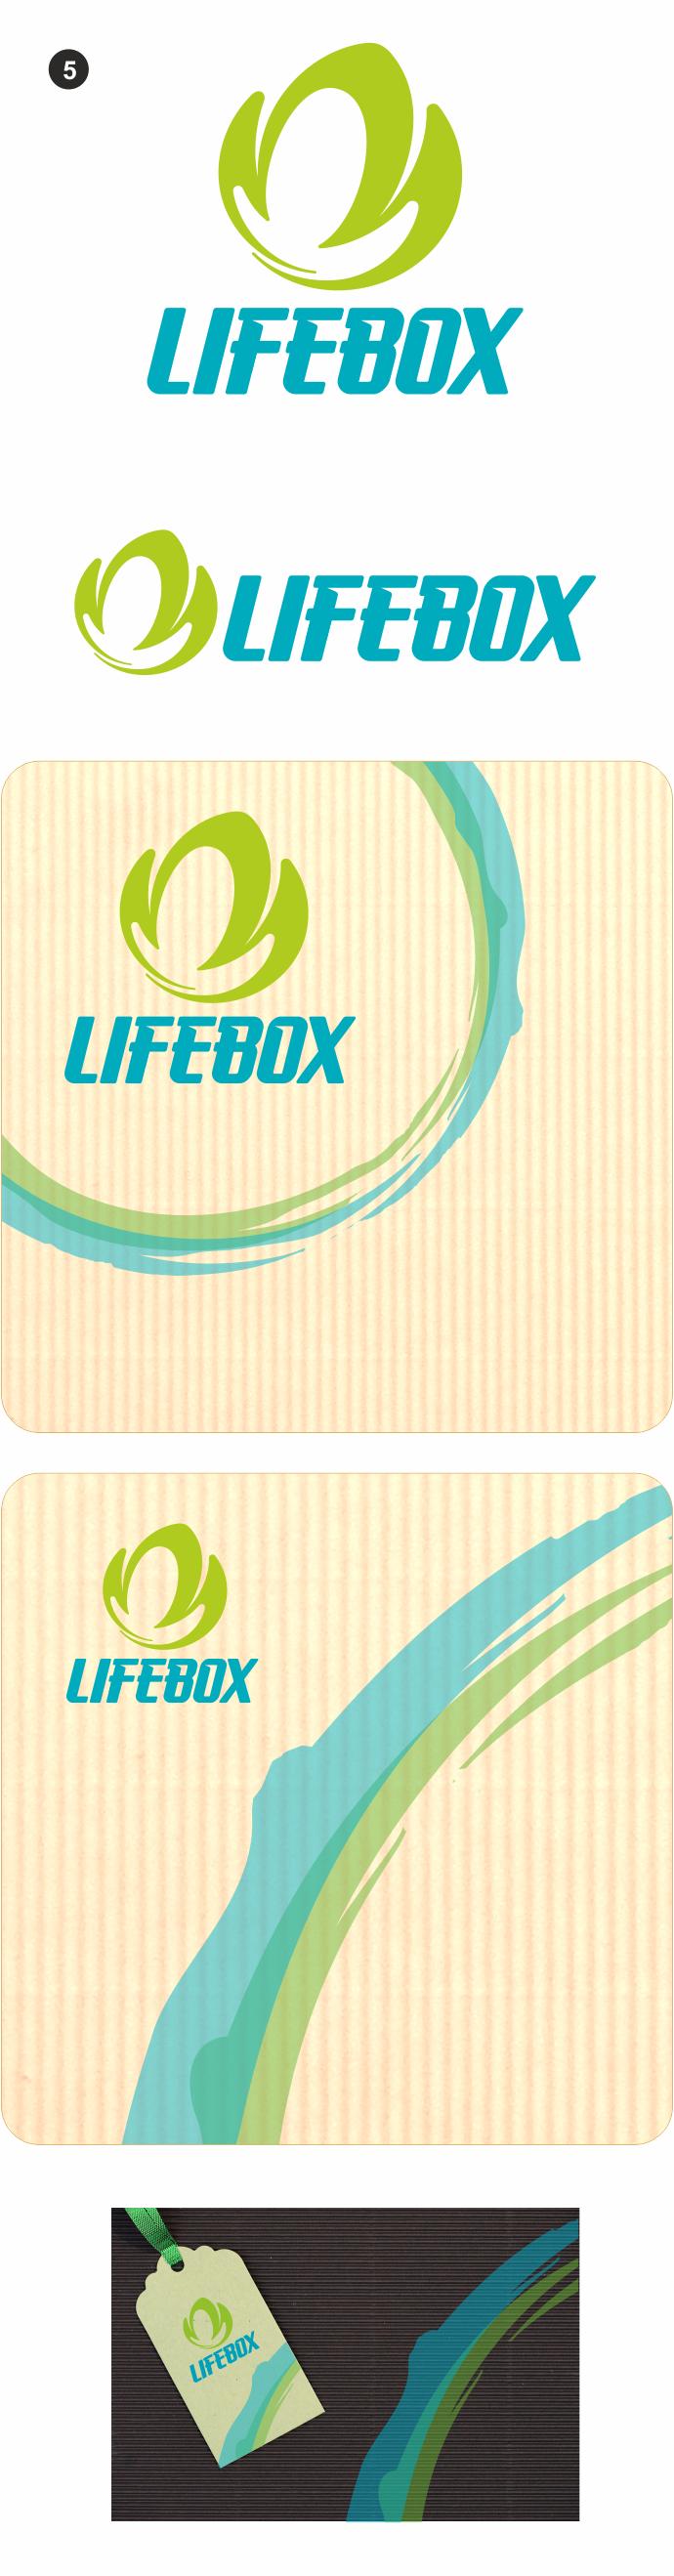 Разработка Логотипа. Победитель получит расширеный заказ  фото f_3535c46c8cc27b7b.png